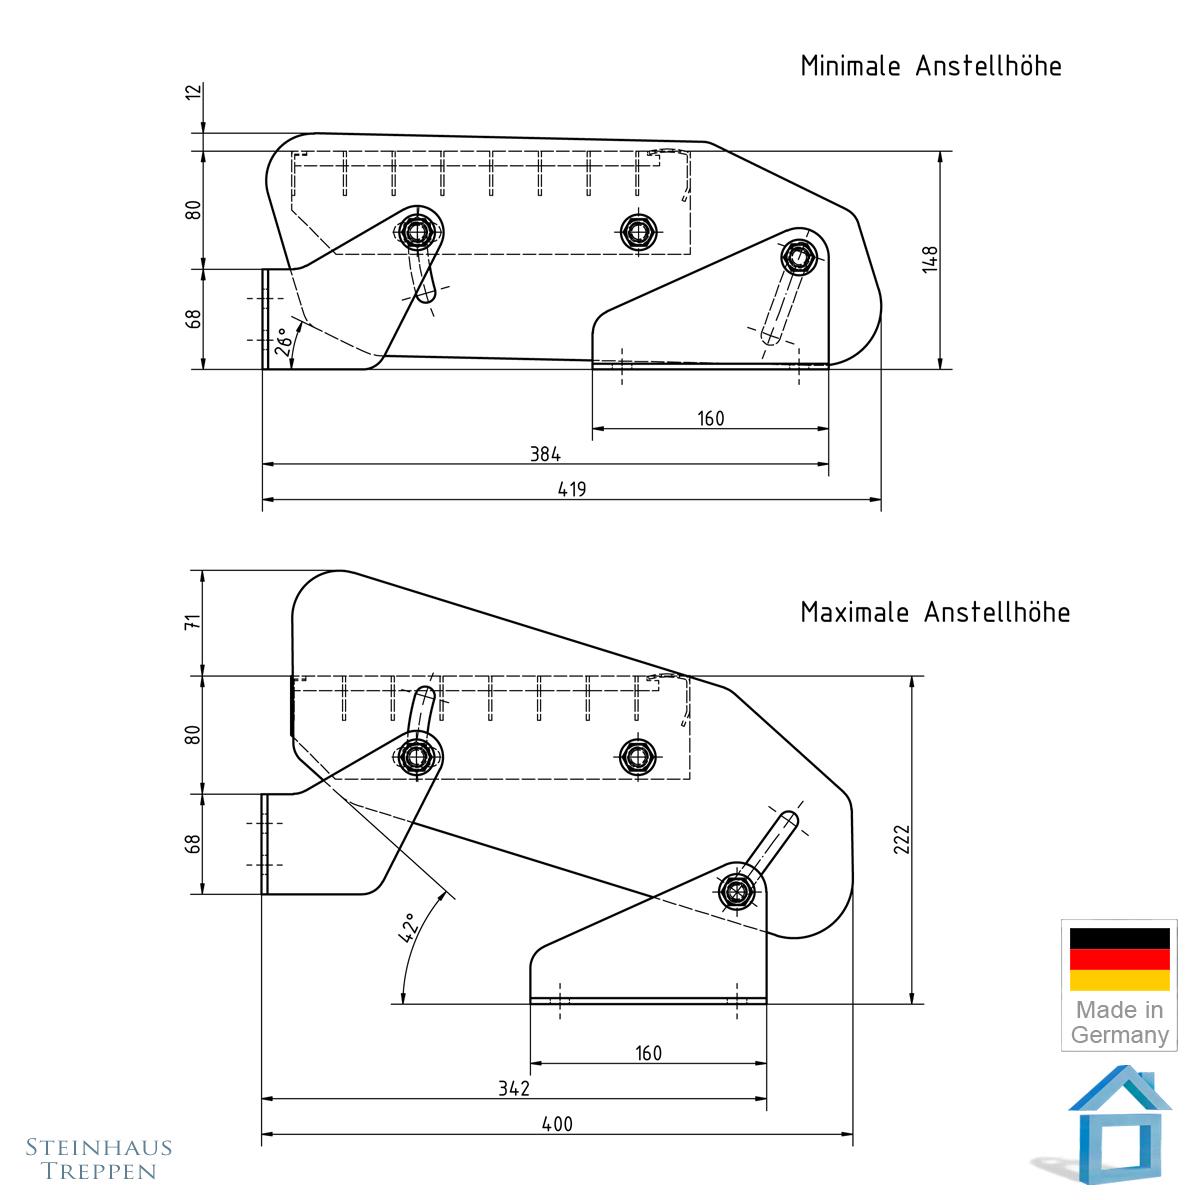 balkont r eingang gitterstufe steigung 16 46 cm norml ngen 60 bis 120 cm. Black Bedroom Furniture Sets. Home Design Ideas